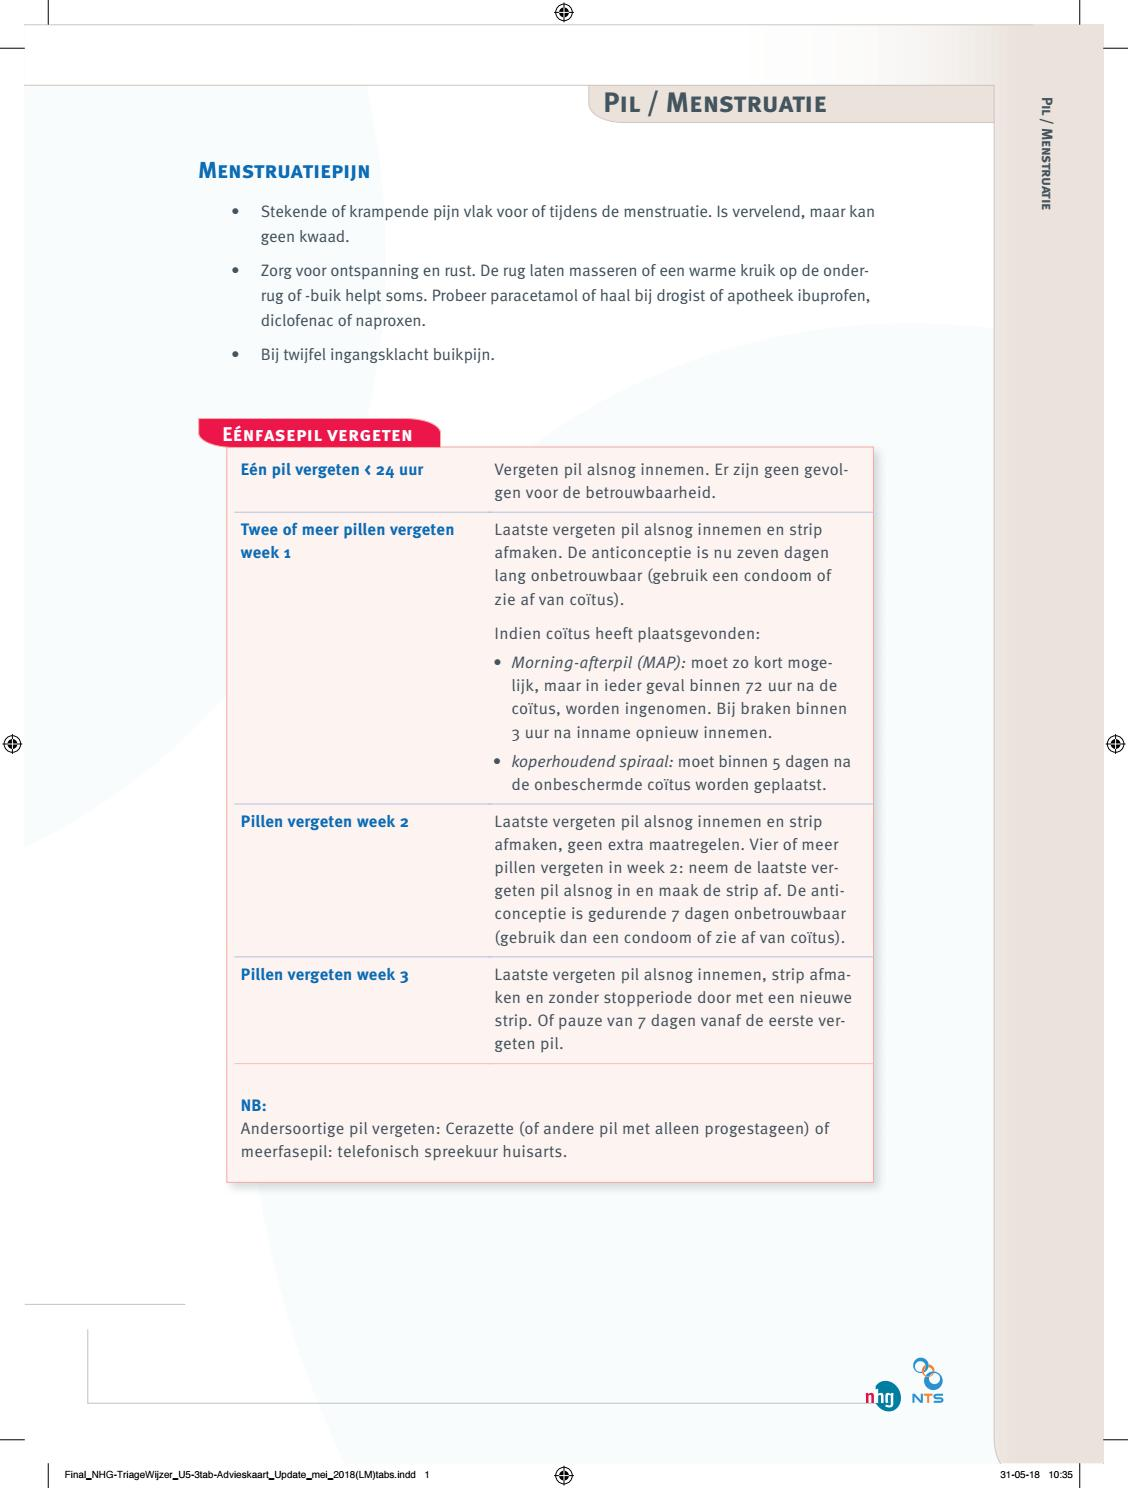 Nhg Triage Pil Menstruatie By Hermanvanoorschot4 Issuu